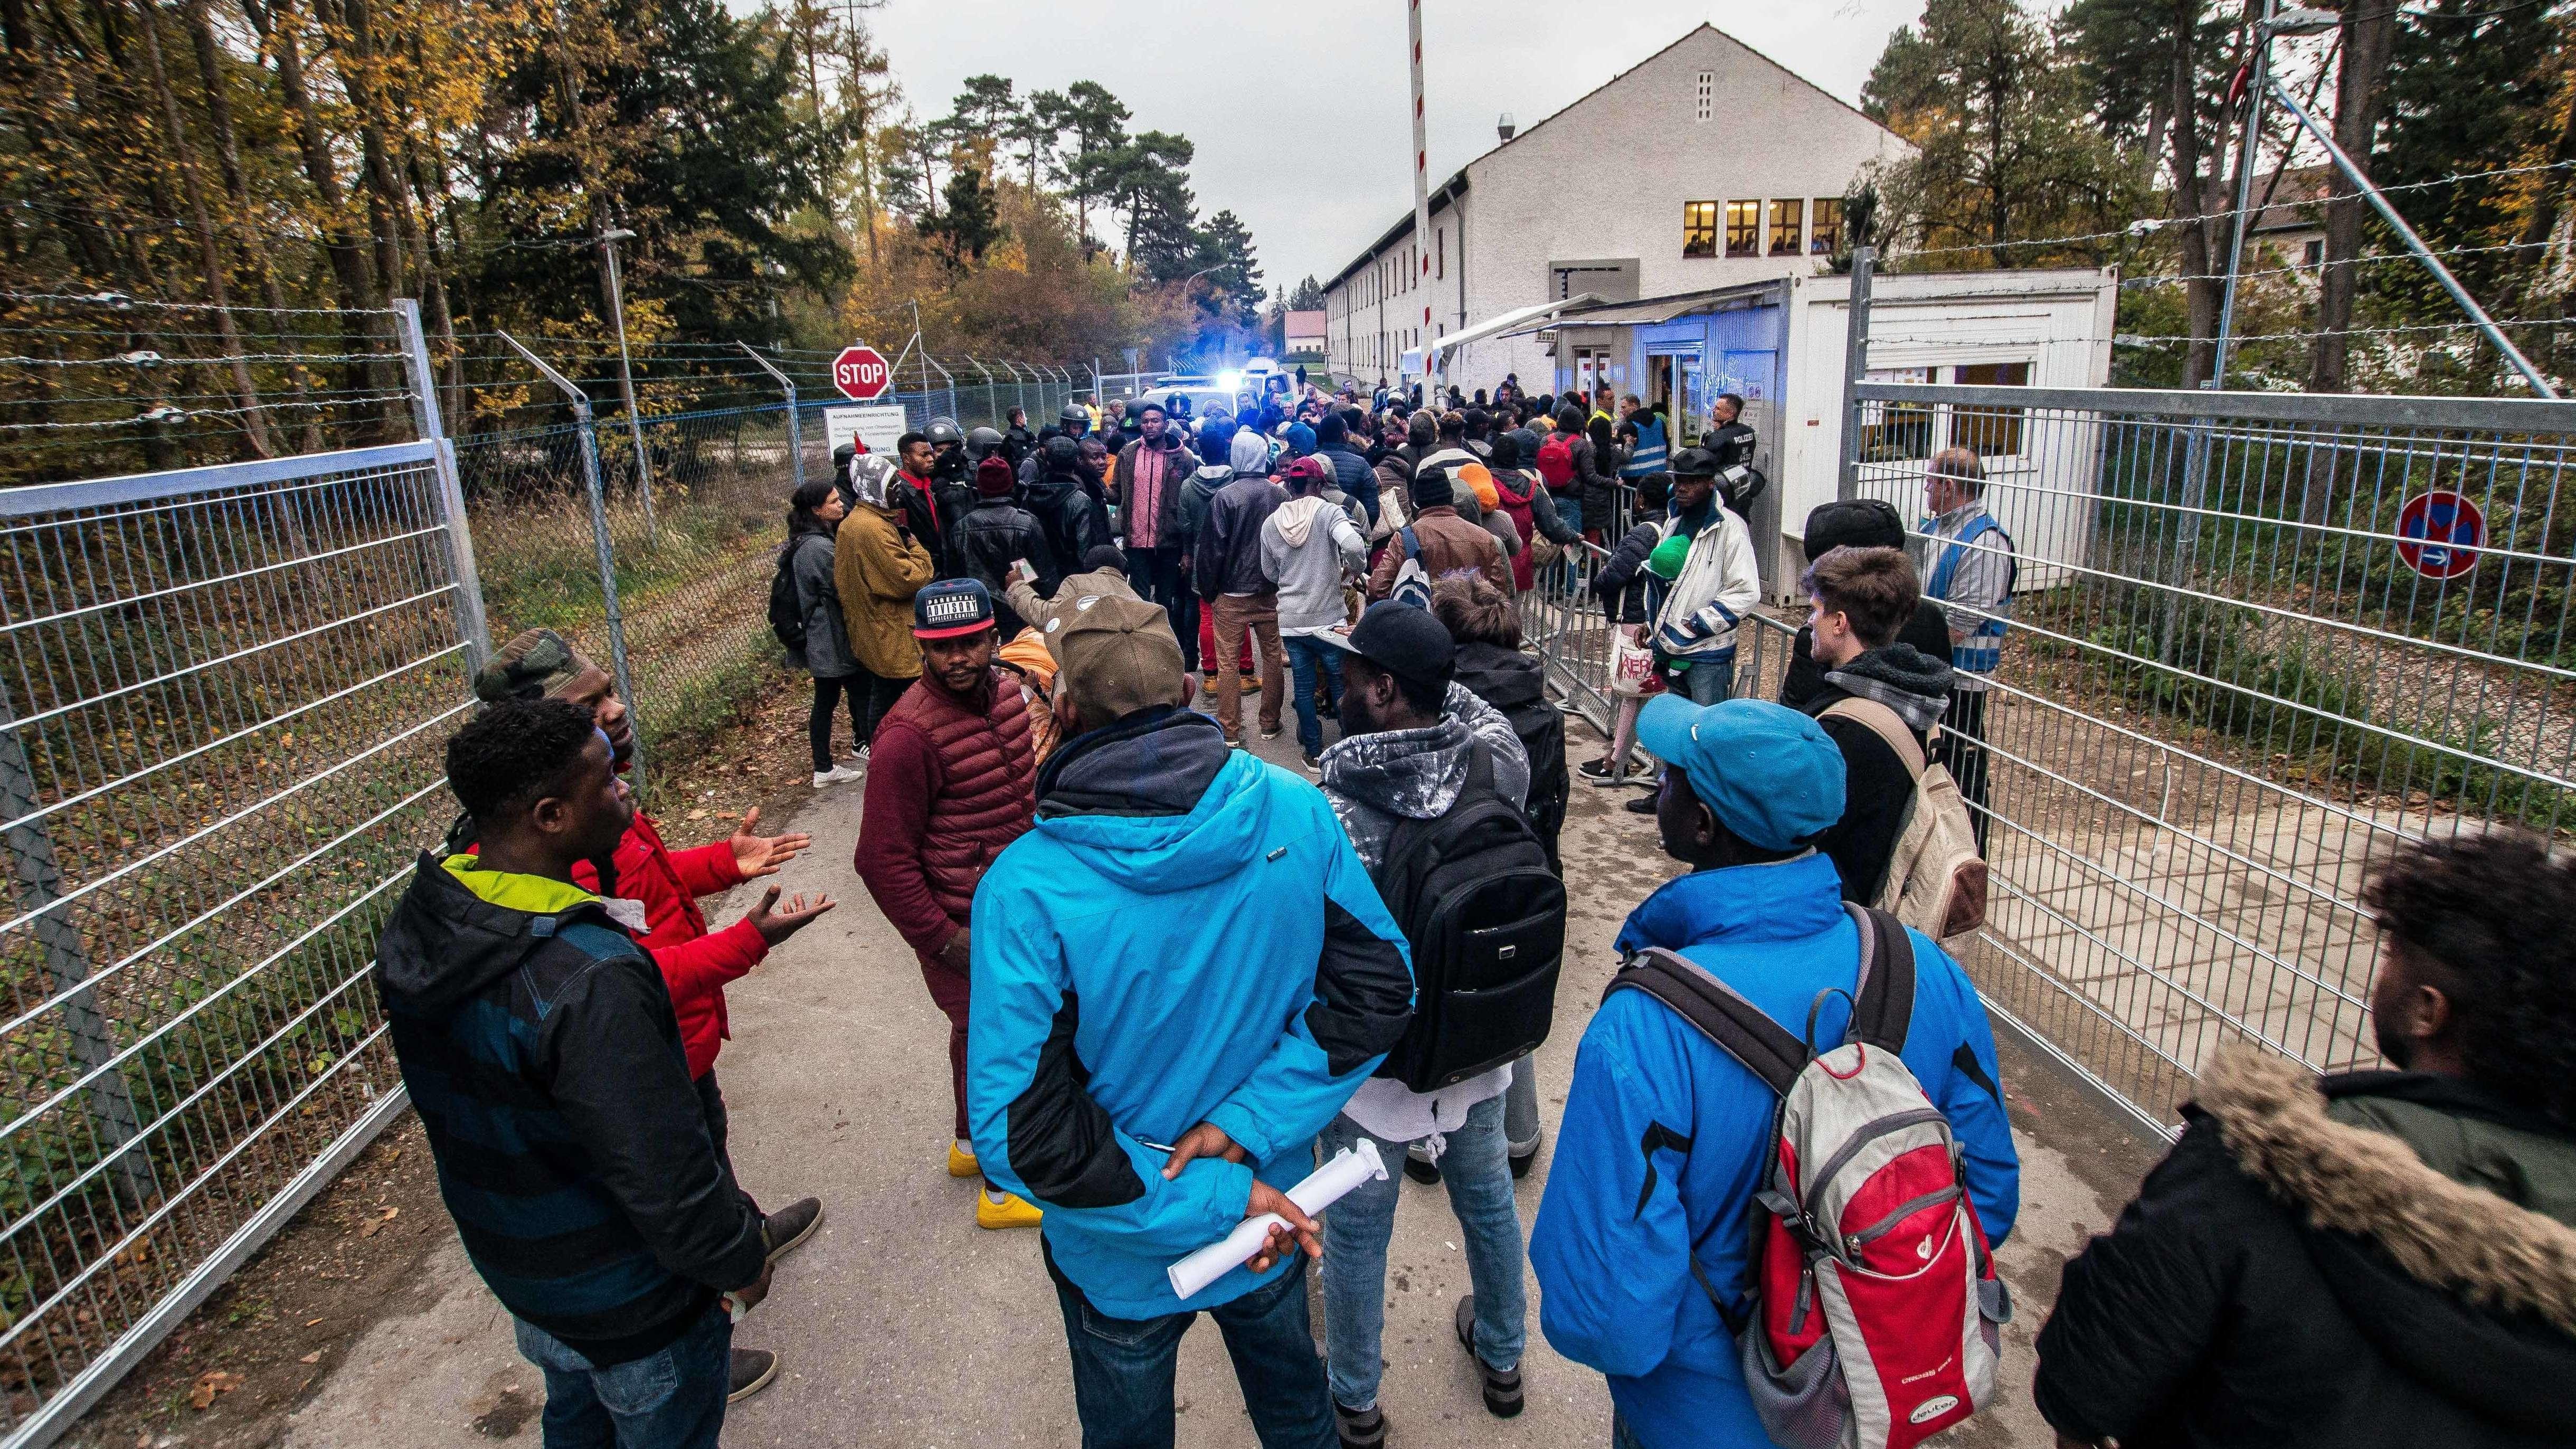 Archiv: Afrikanische Flüchtlinge vor einer Asylunterkunft in Fürstenfeldbruck